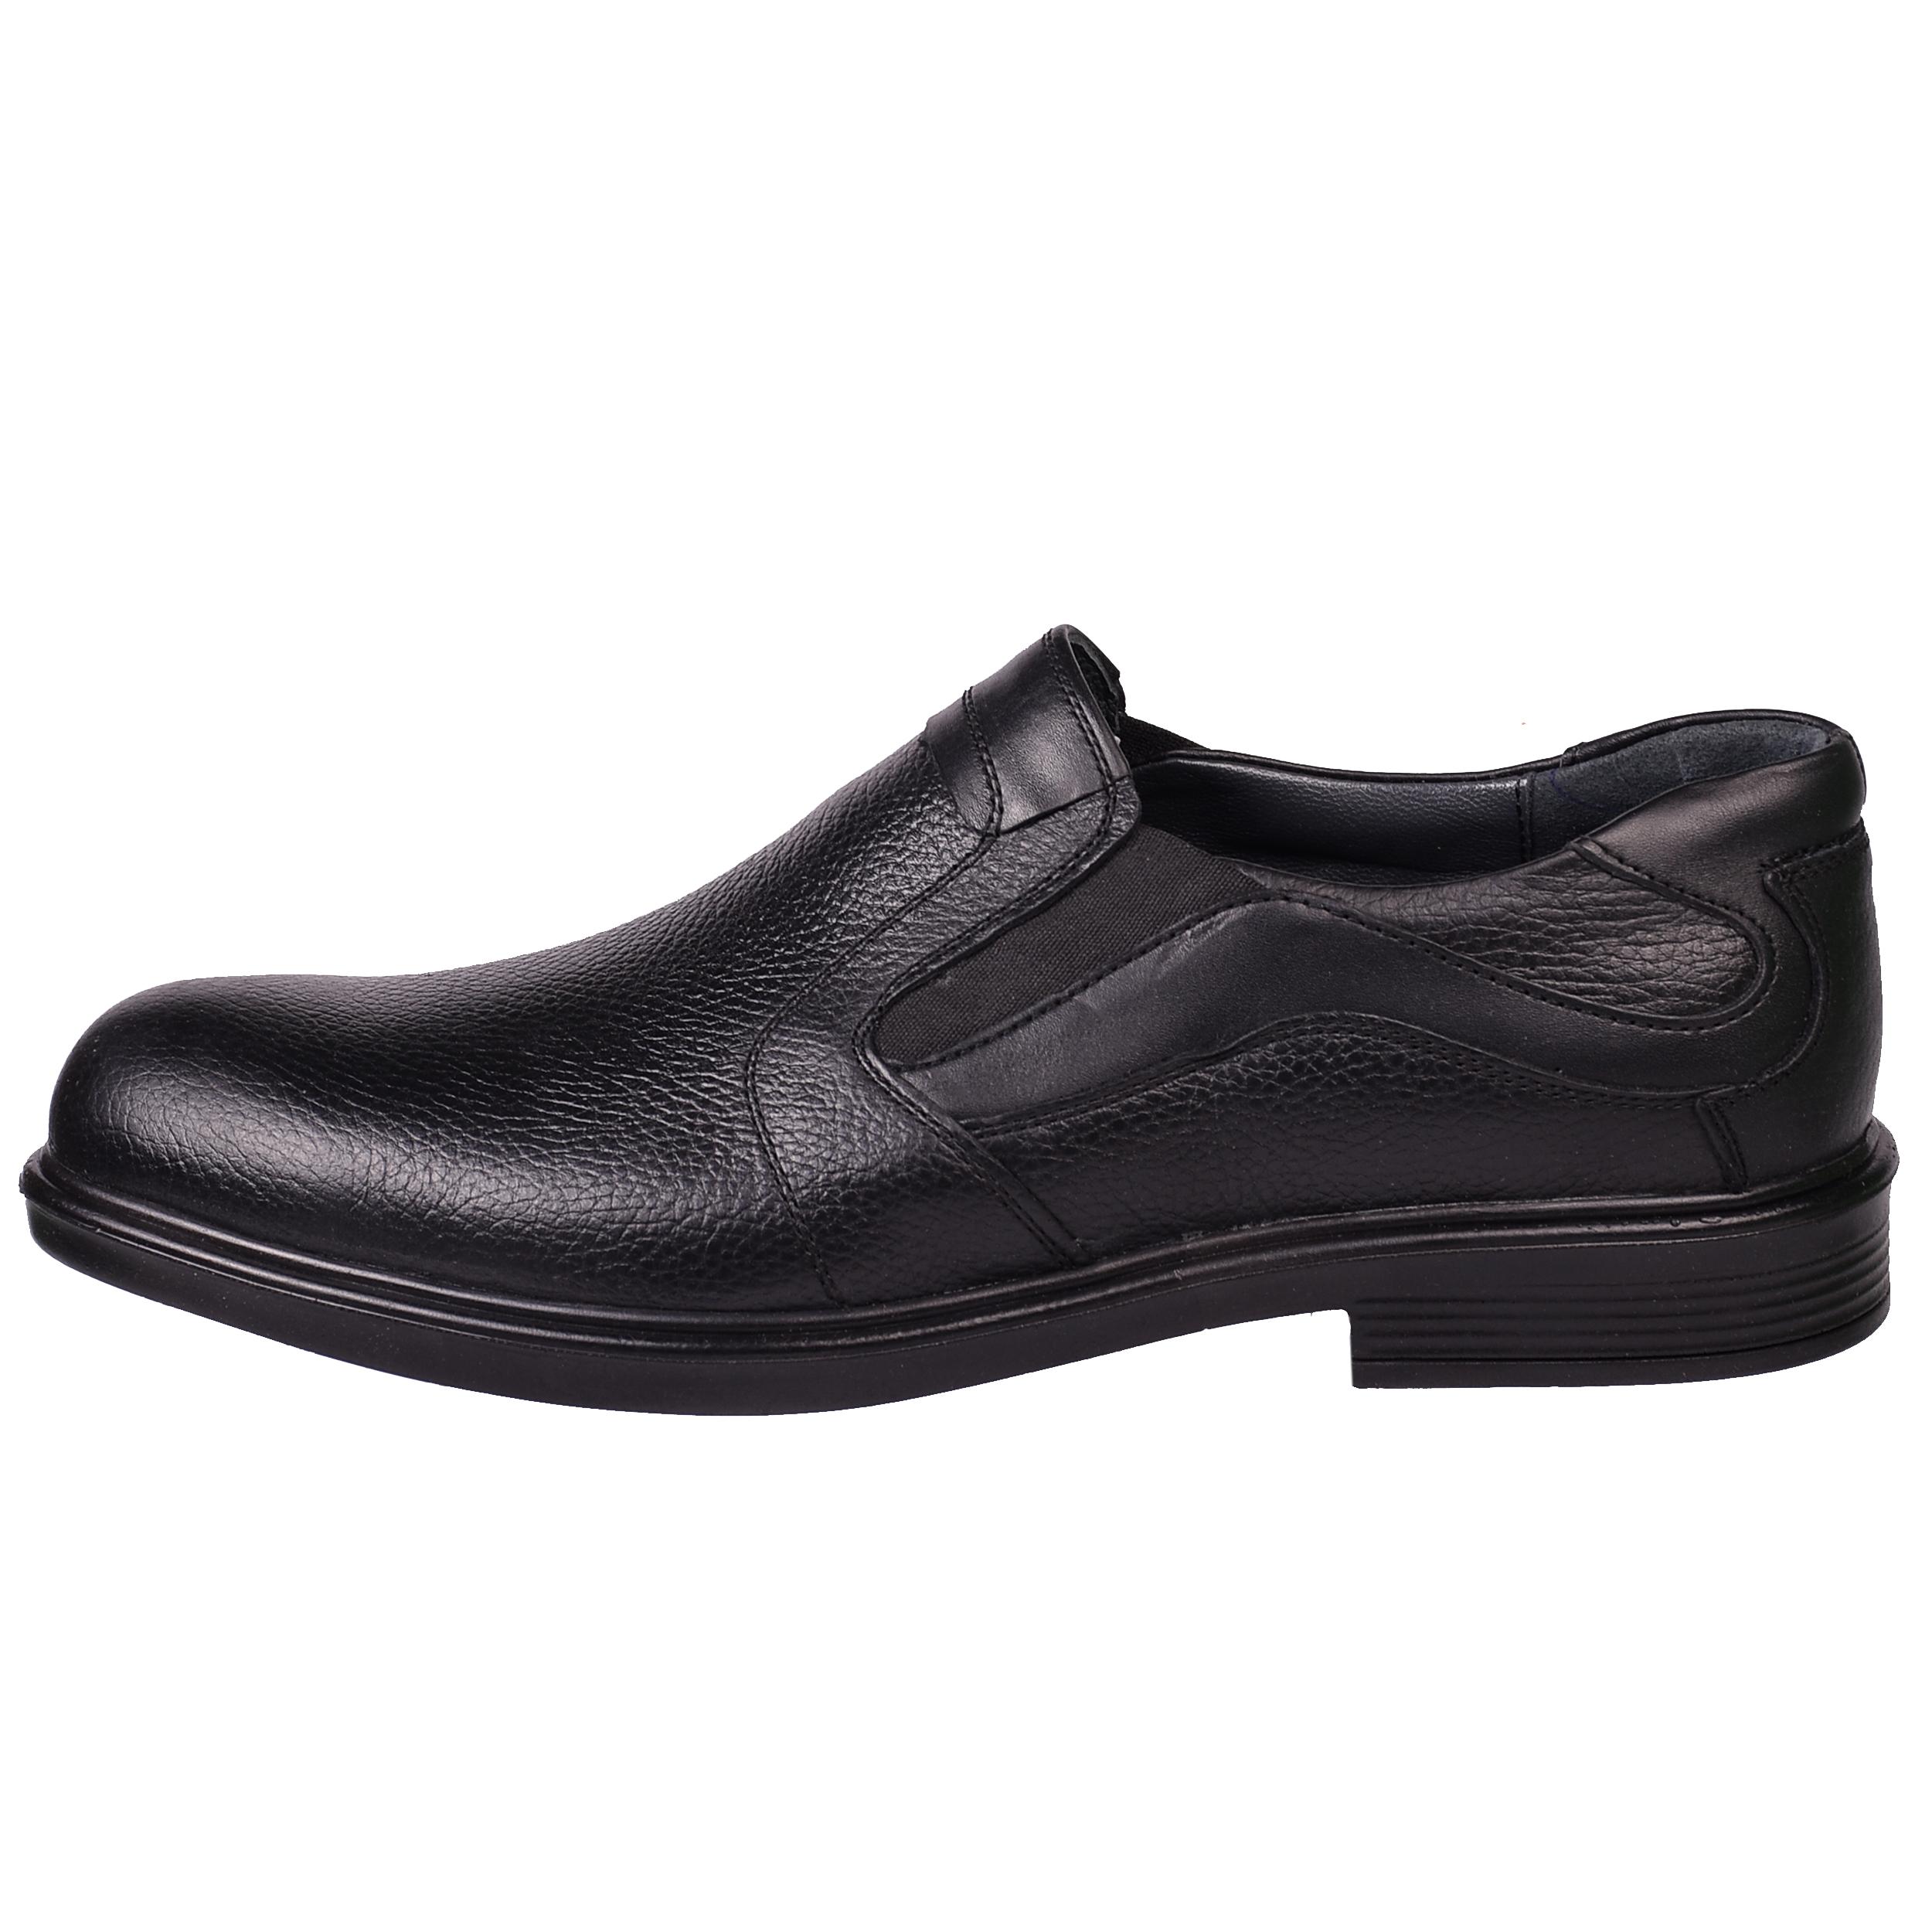 کفش طبی مردانه آفاق مدل 1380